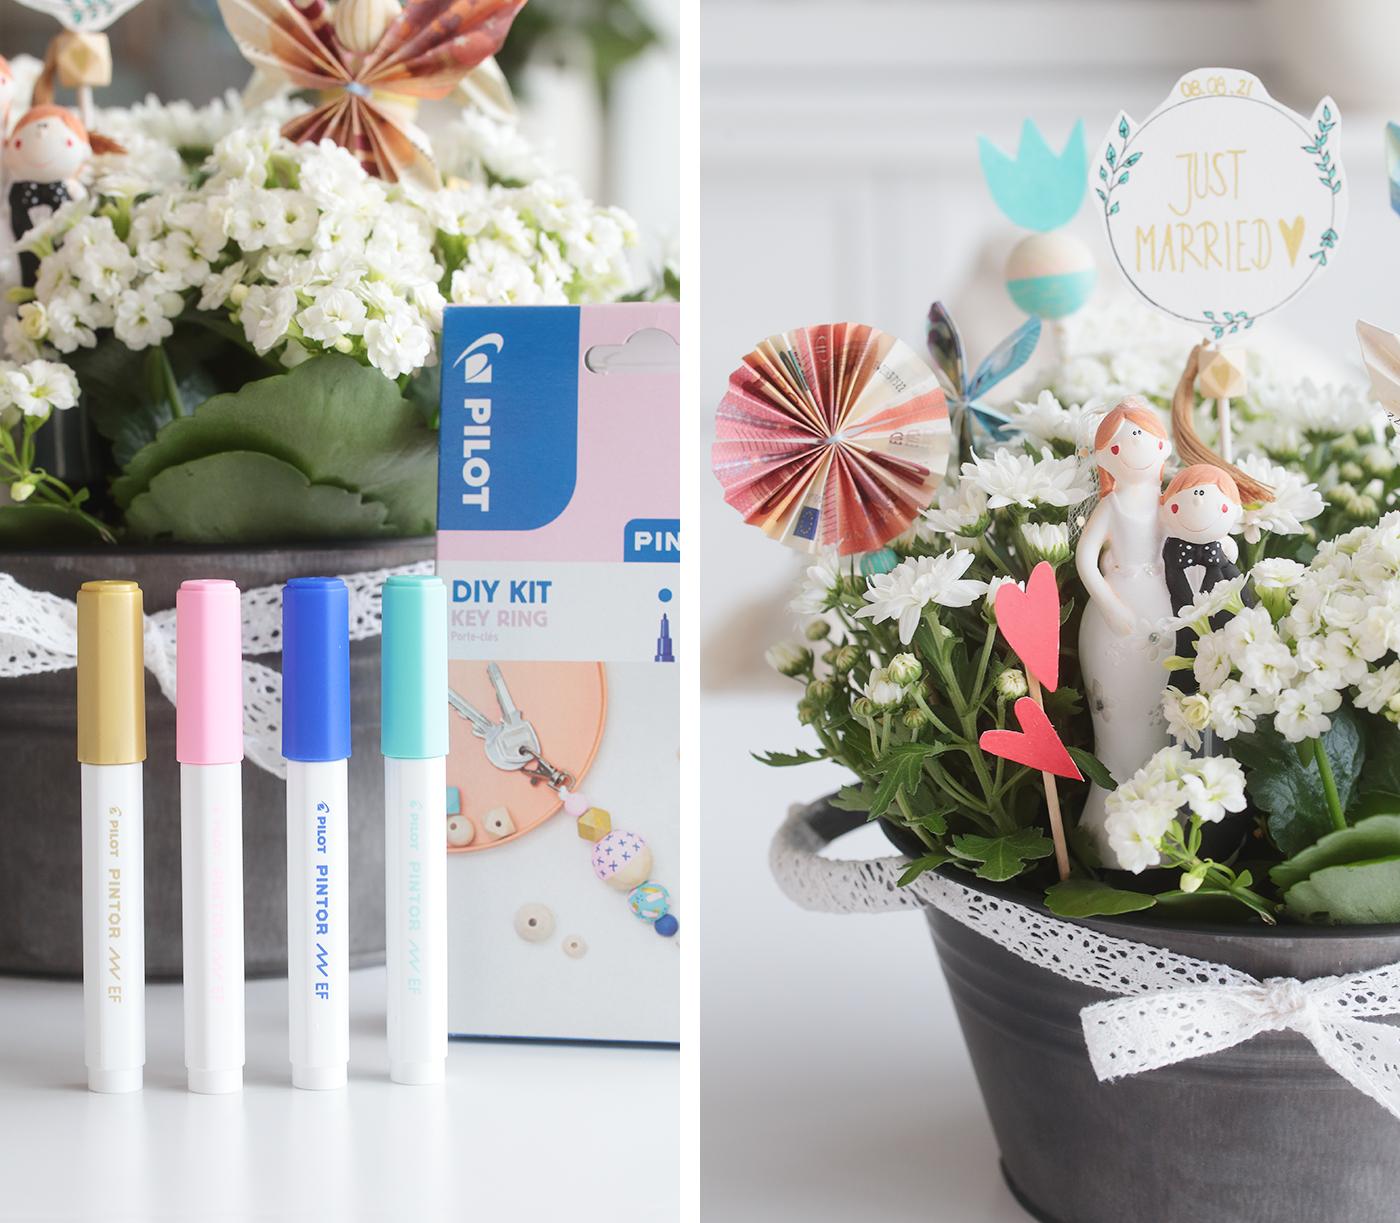 Blumenwiese als Geldgeschenk zur Hochzeit. Ein Projekt mit PILOT